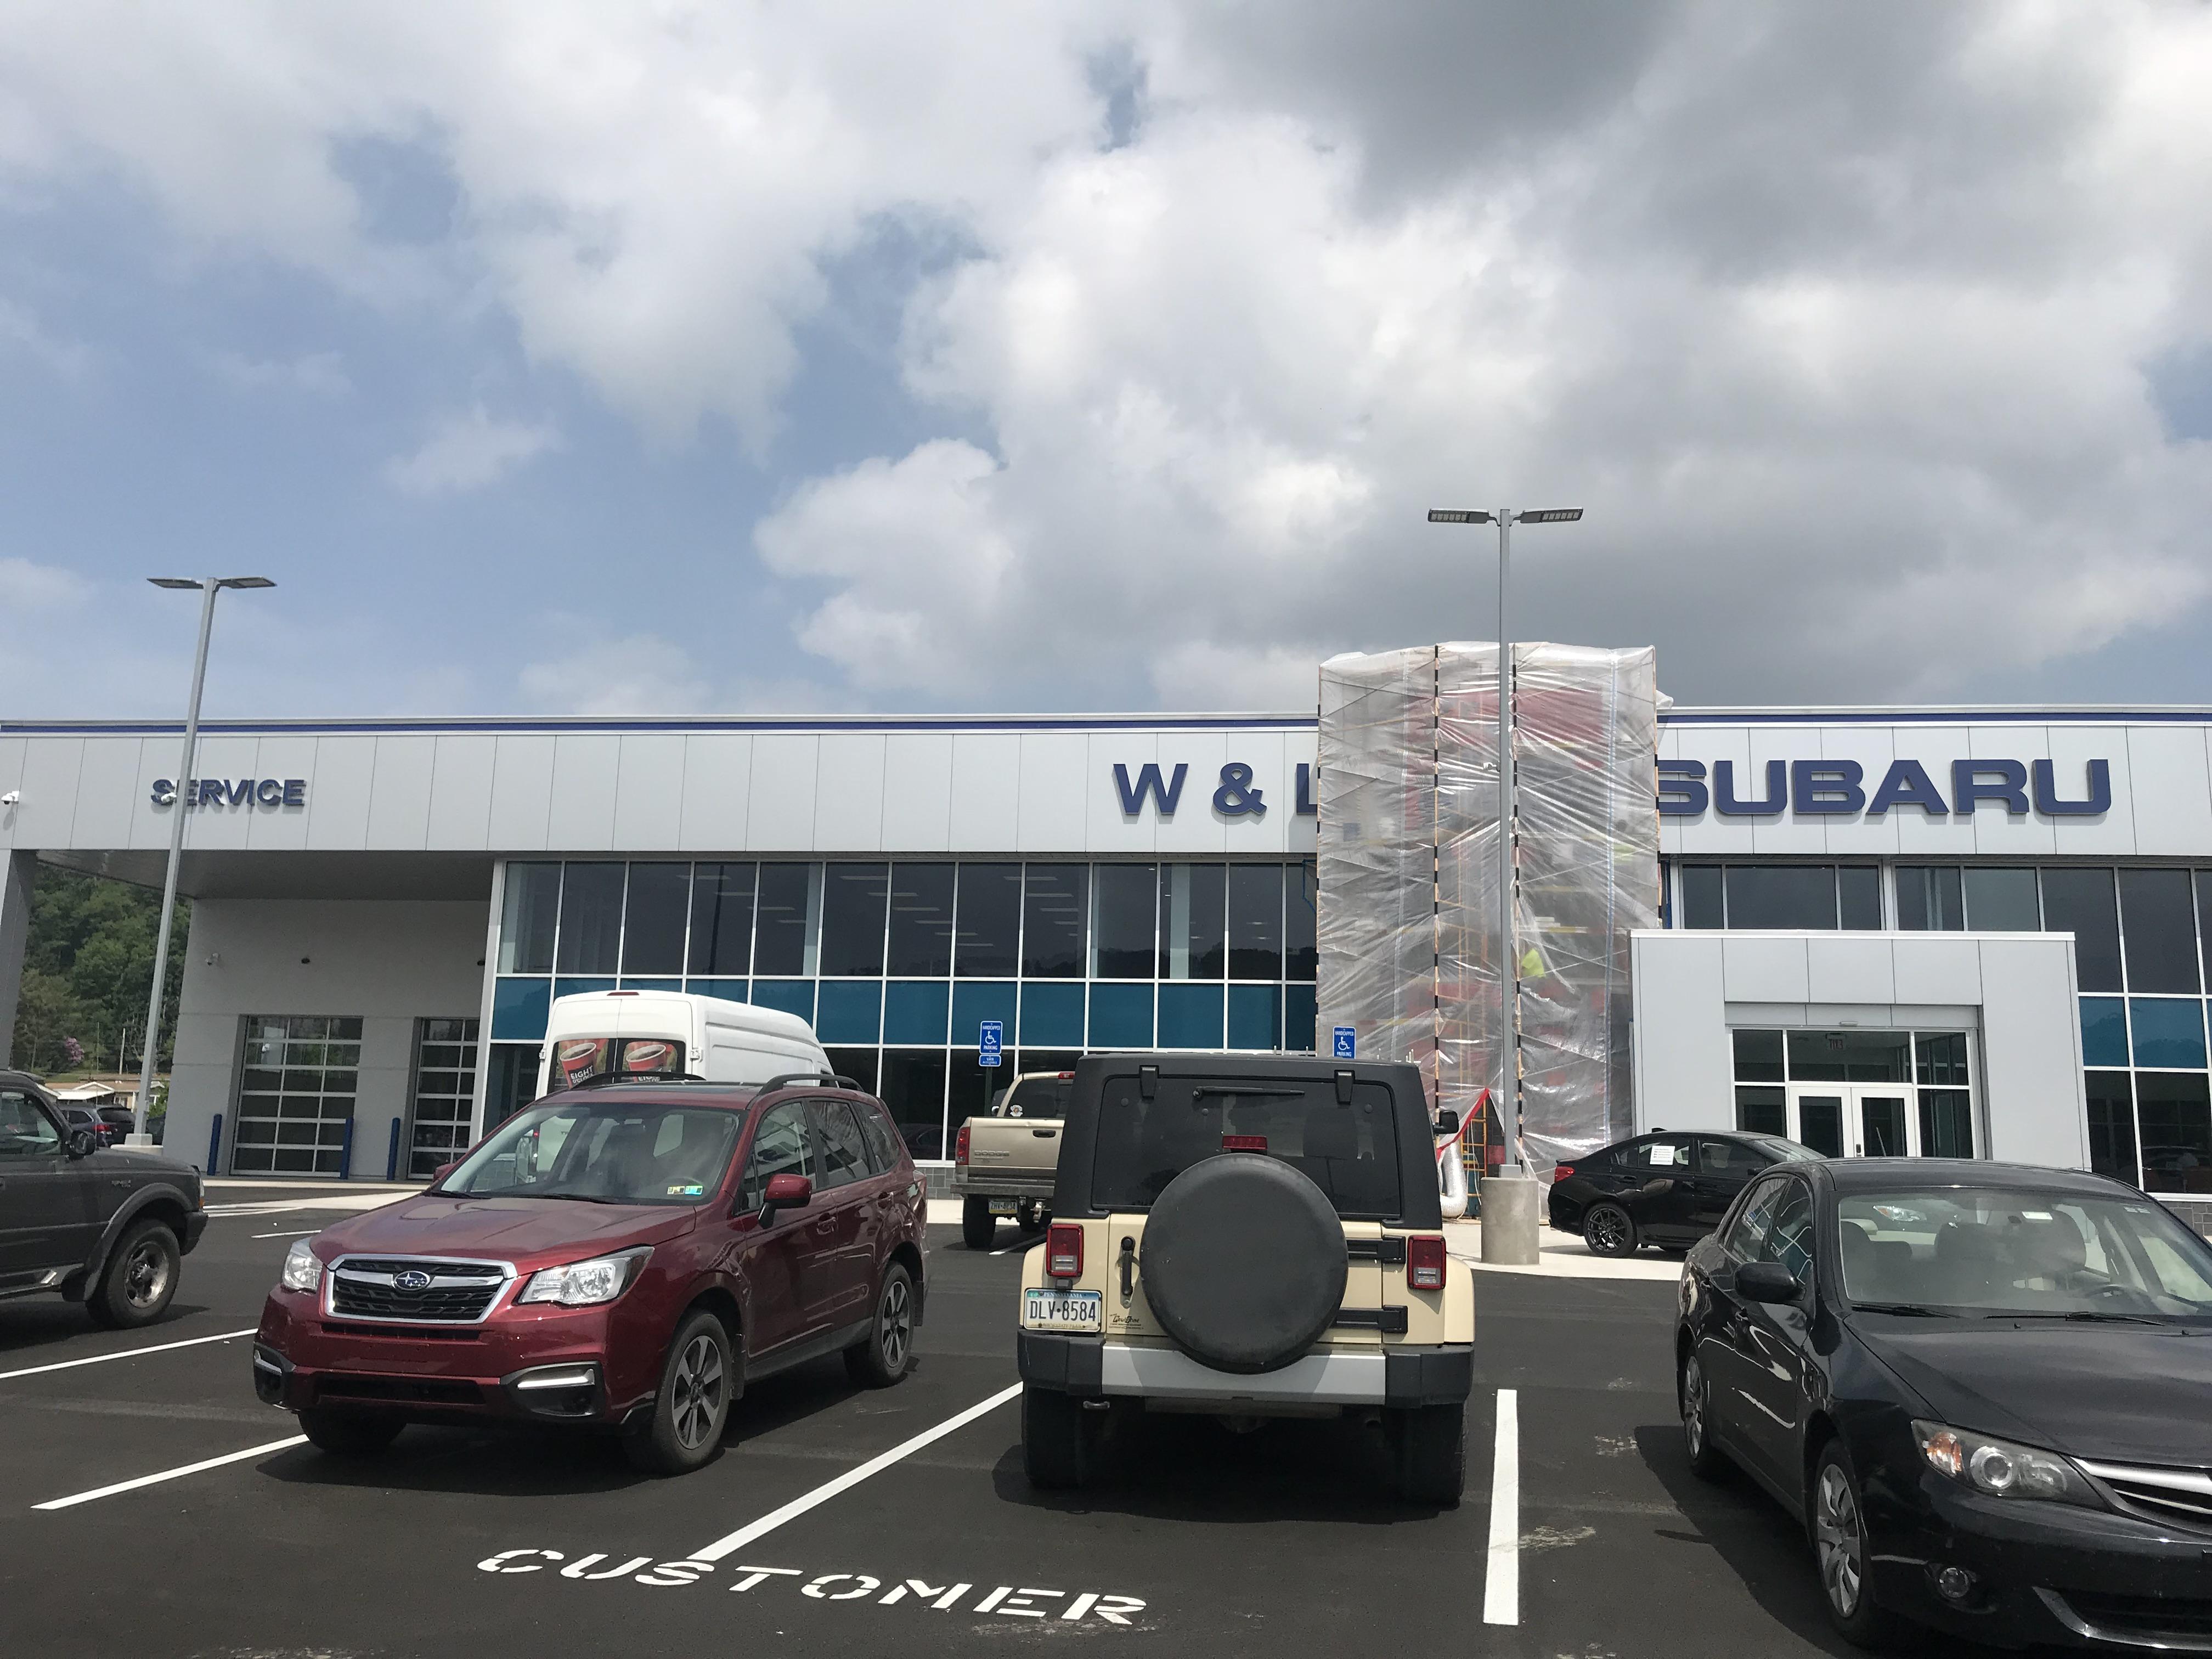 New W L Subaru Location Grand Opening Saturday